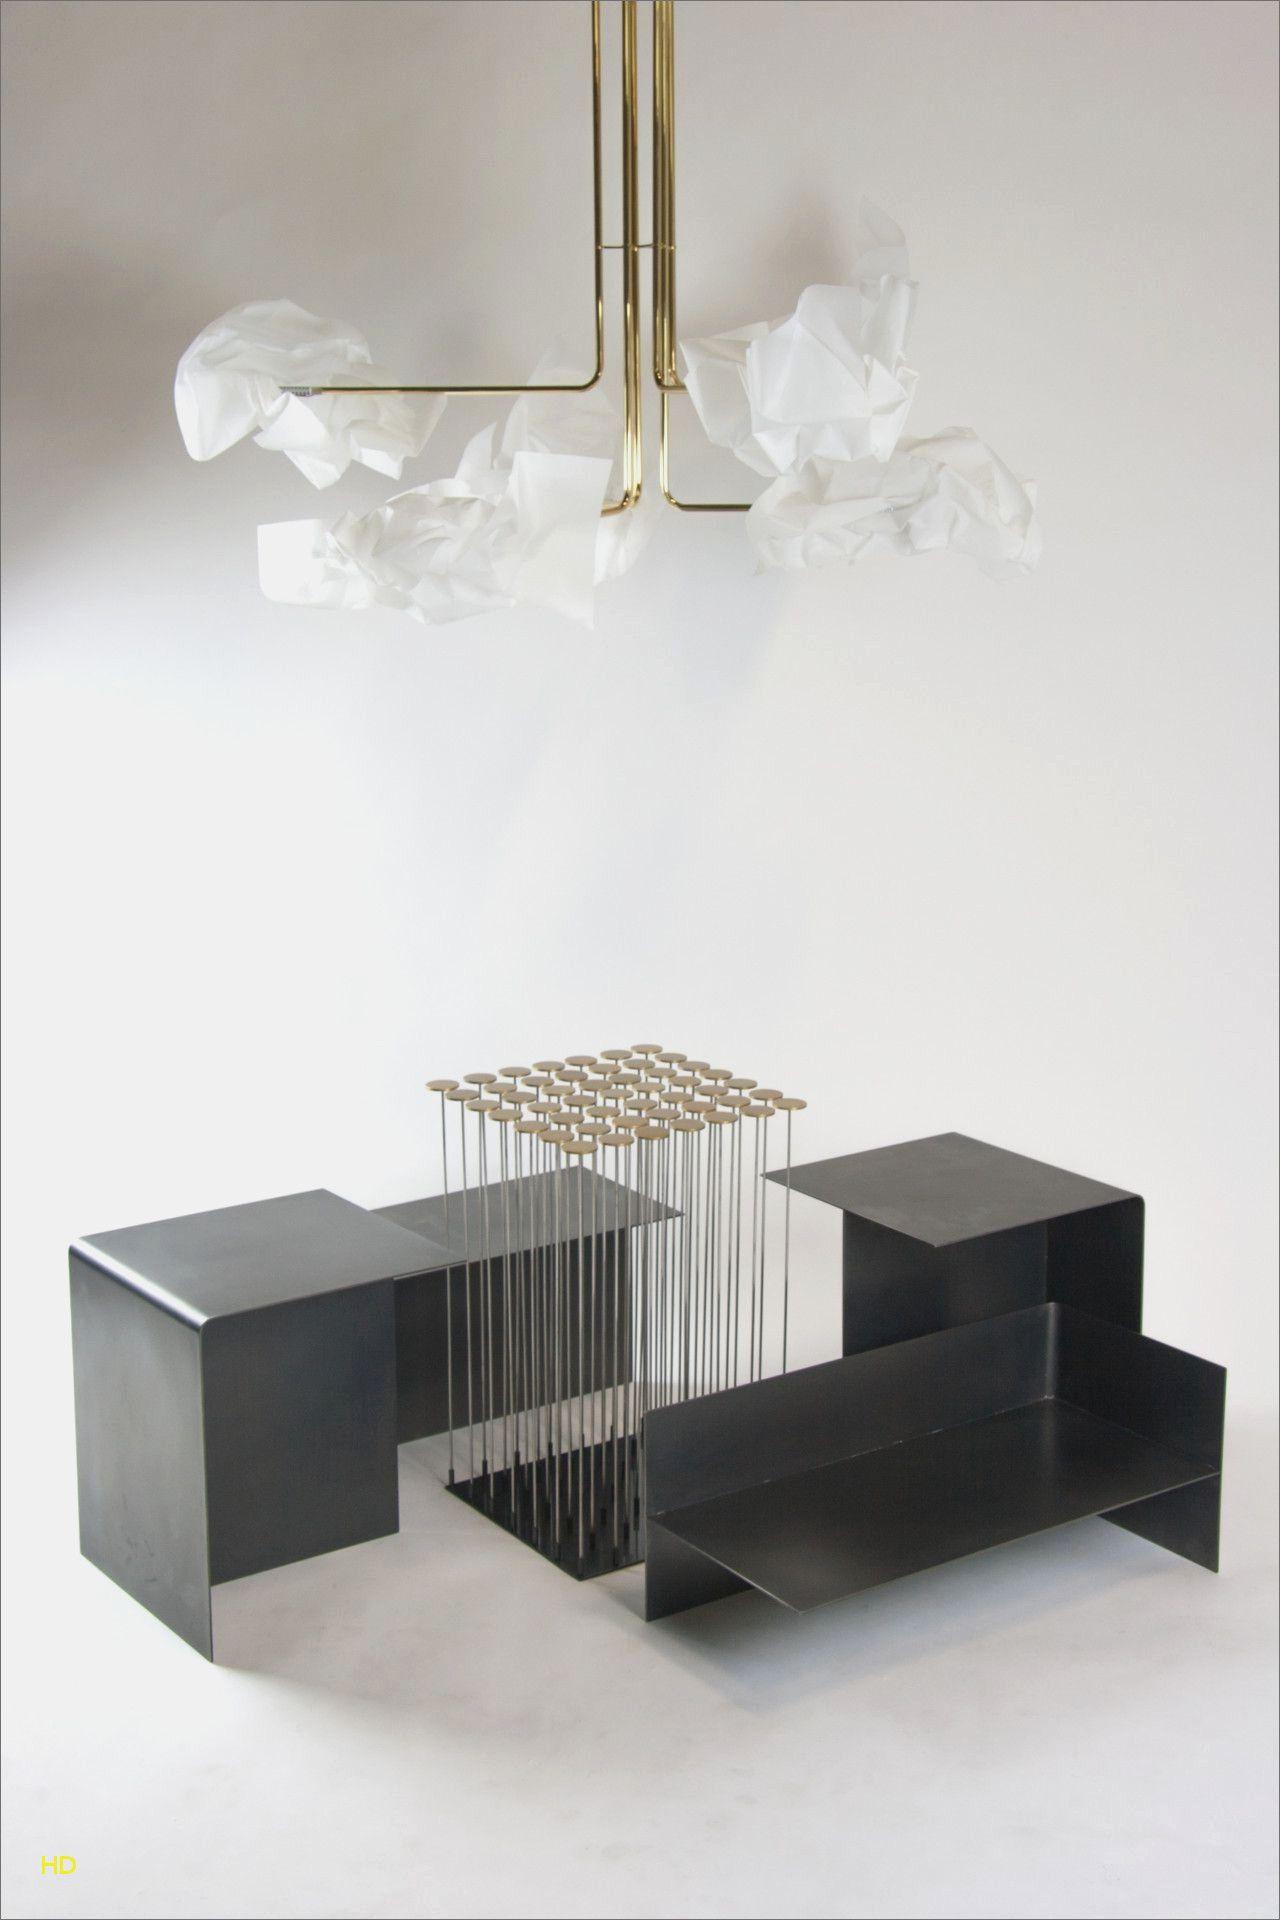 Brevi Table A Langer Baignoire Tout Dans Le Detail Table Furniture Decor